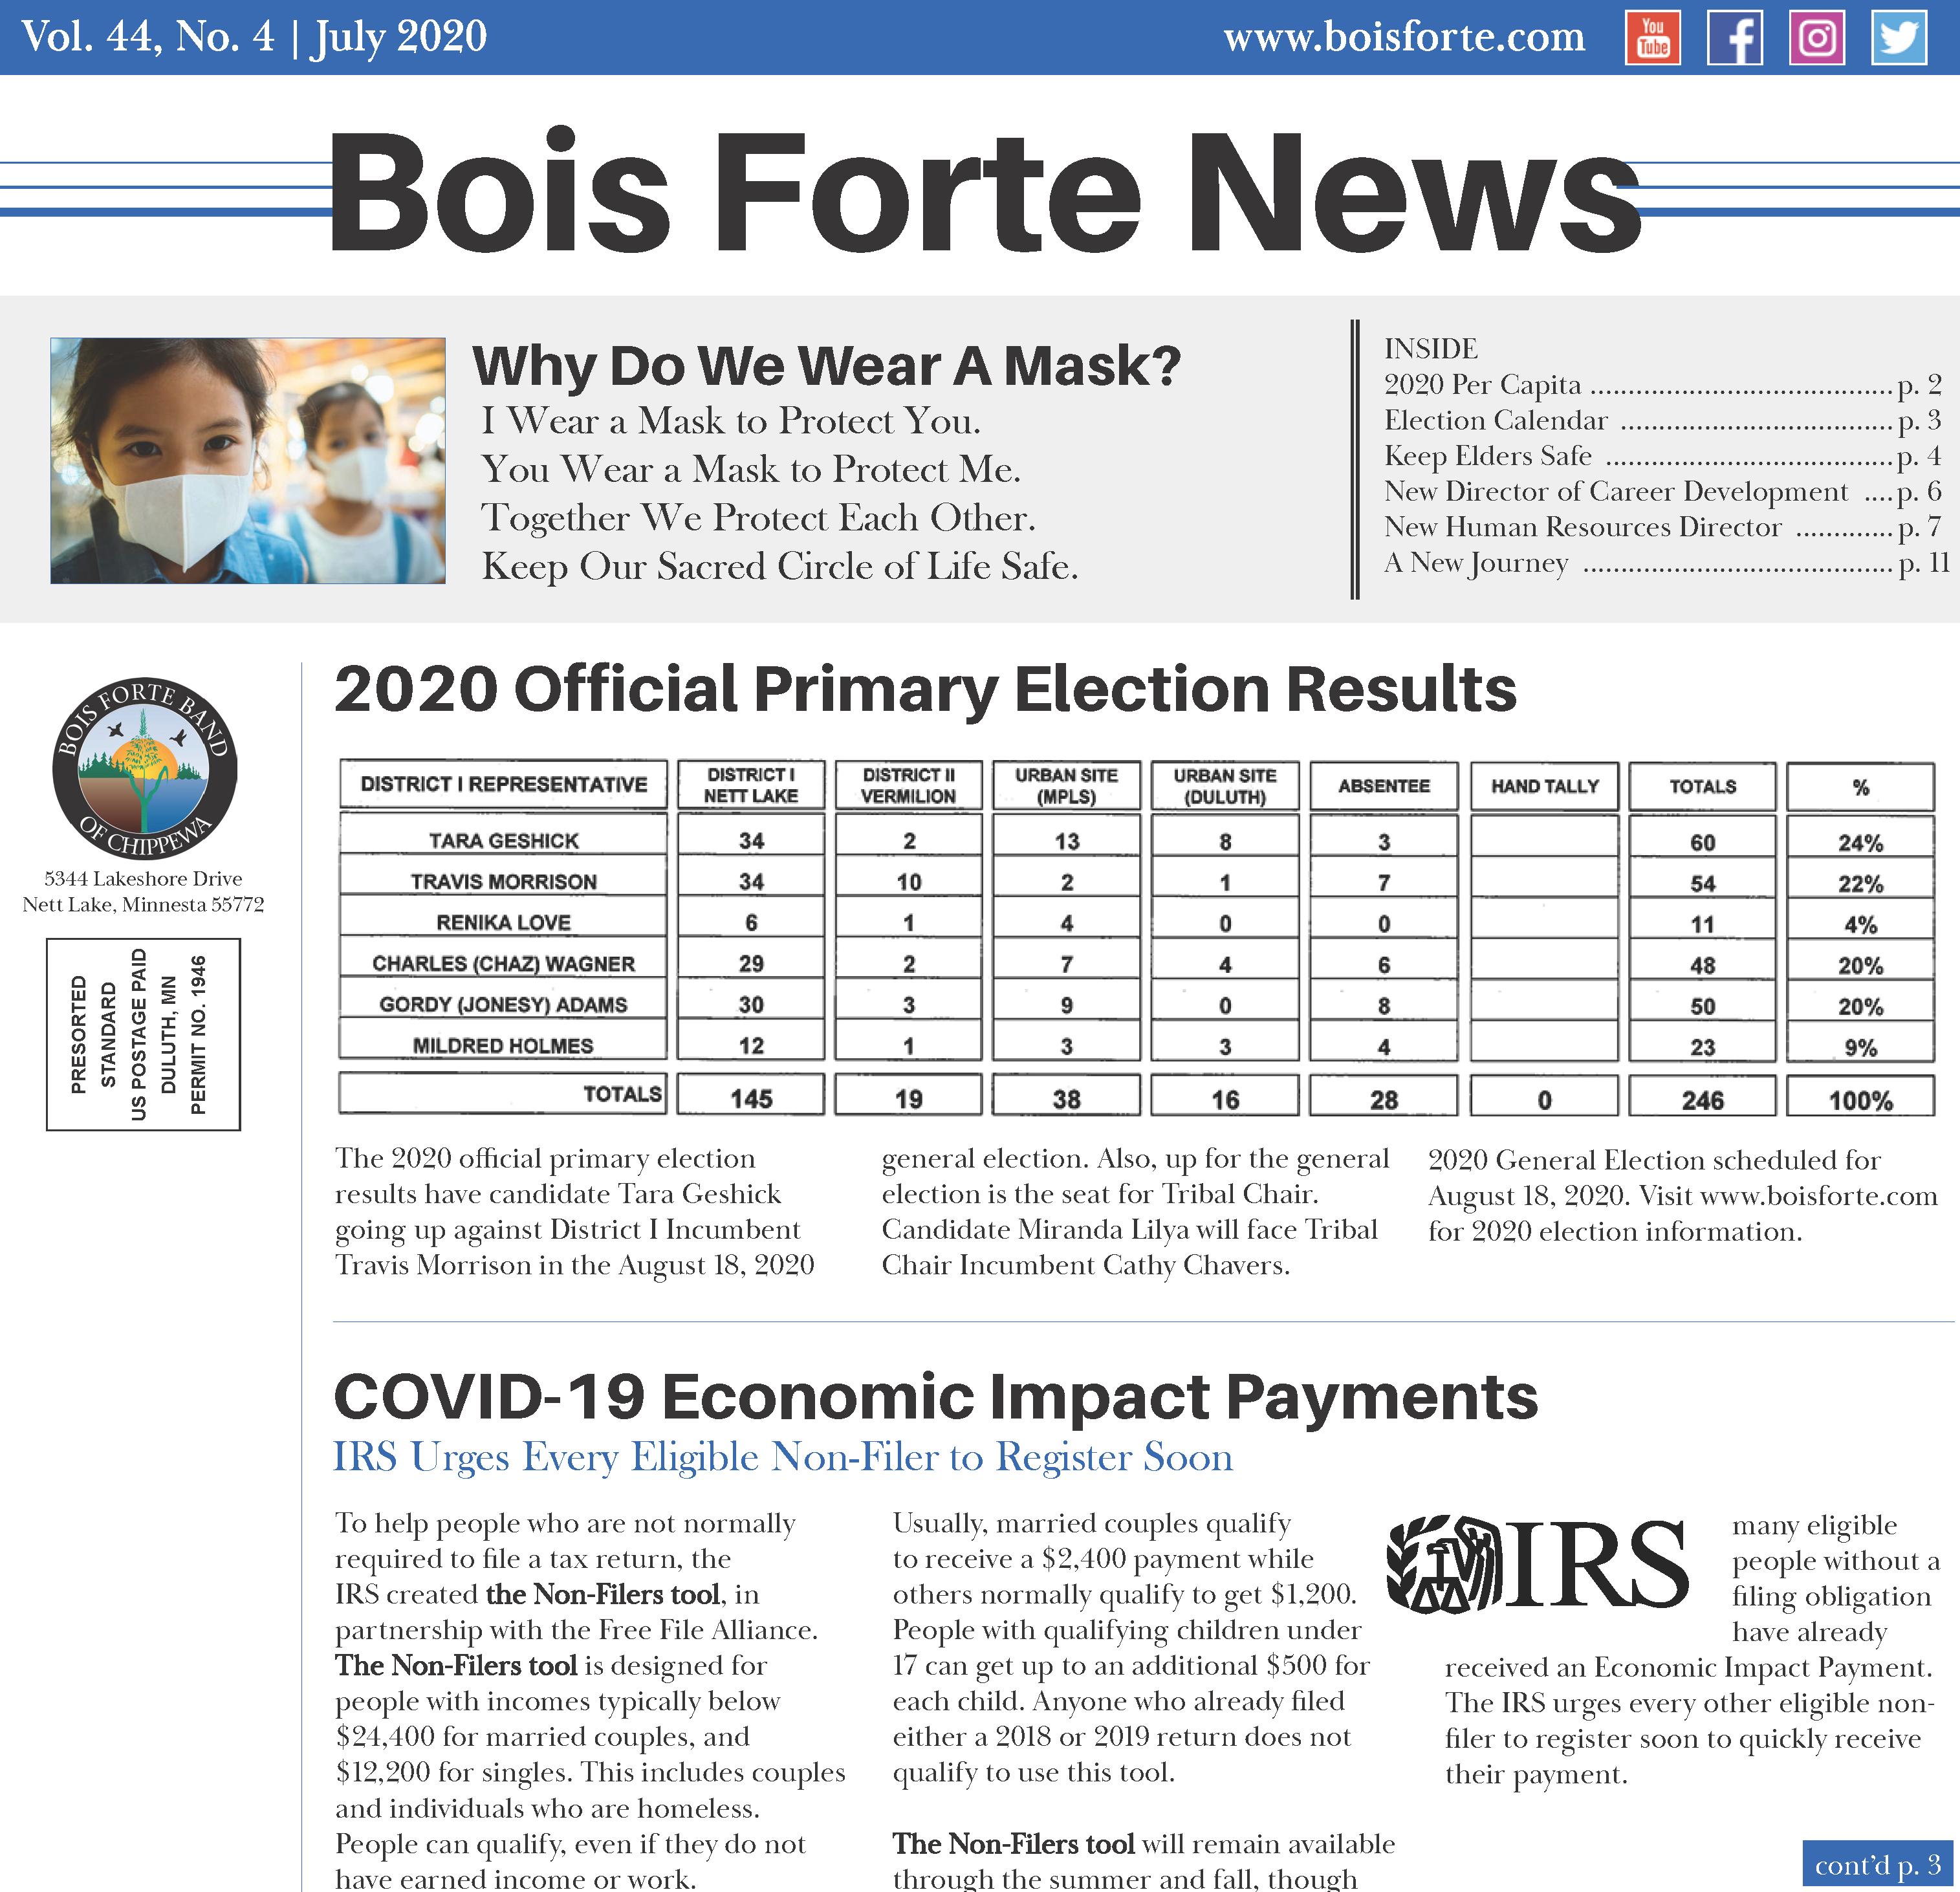 July 2020 Bois Forte News